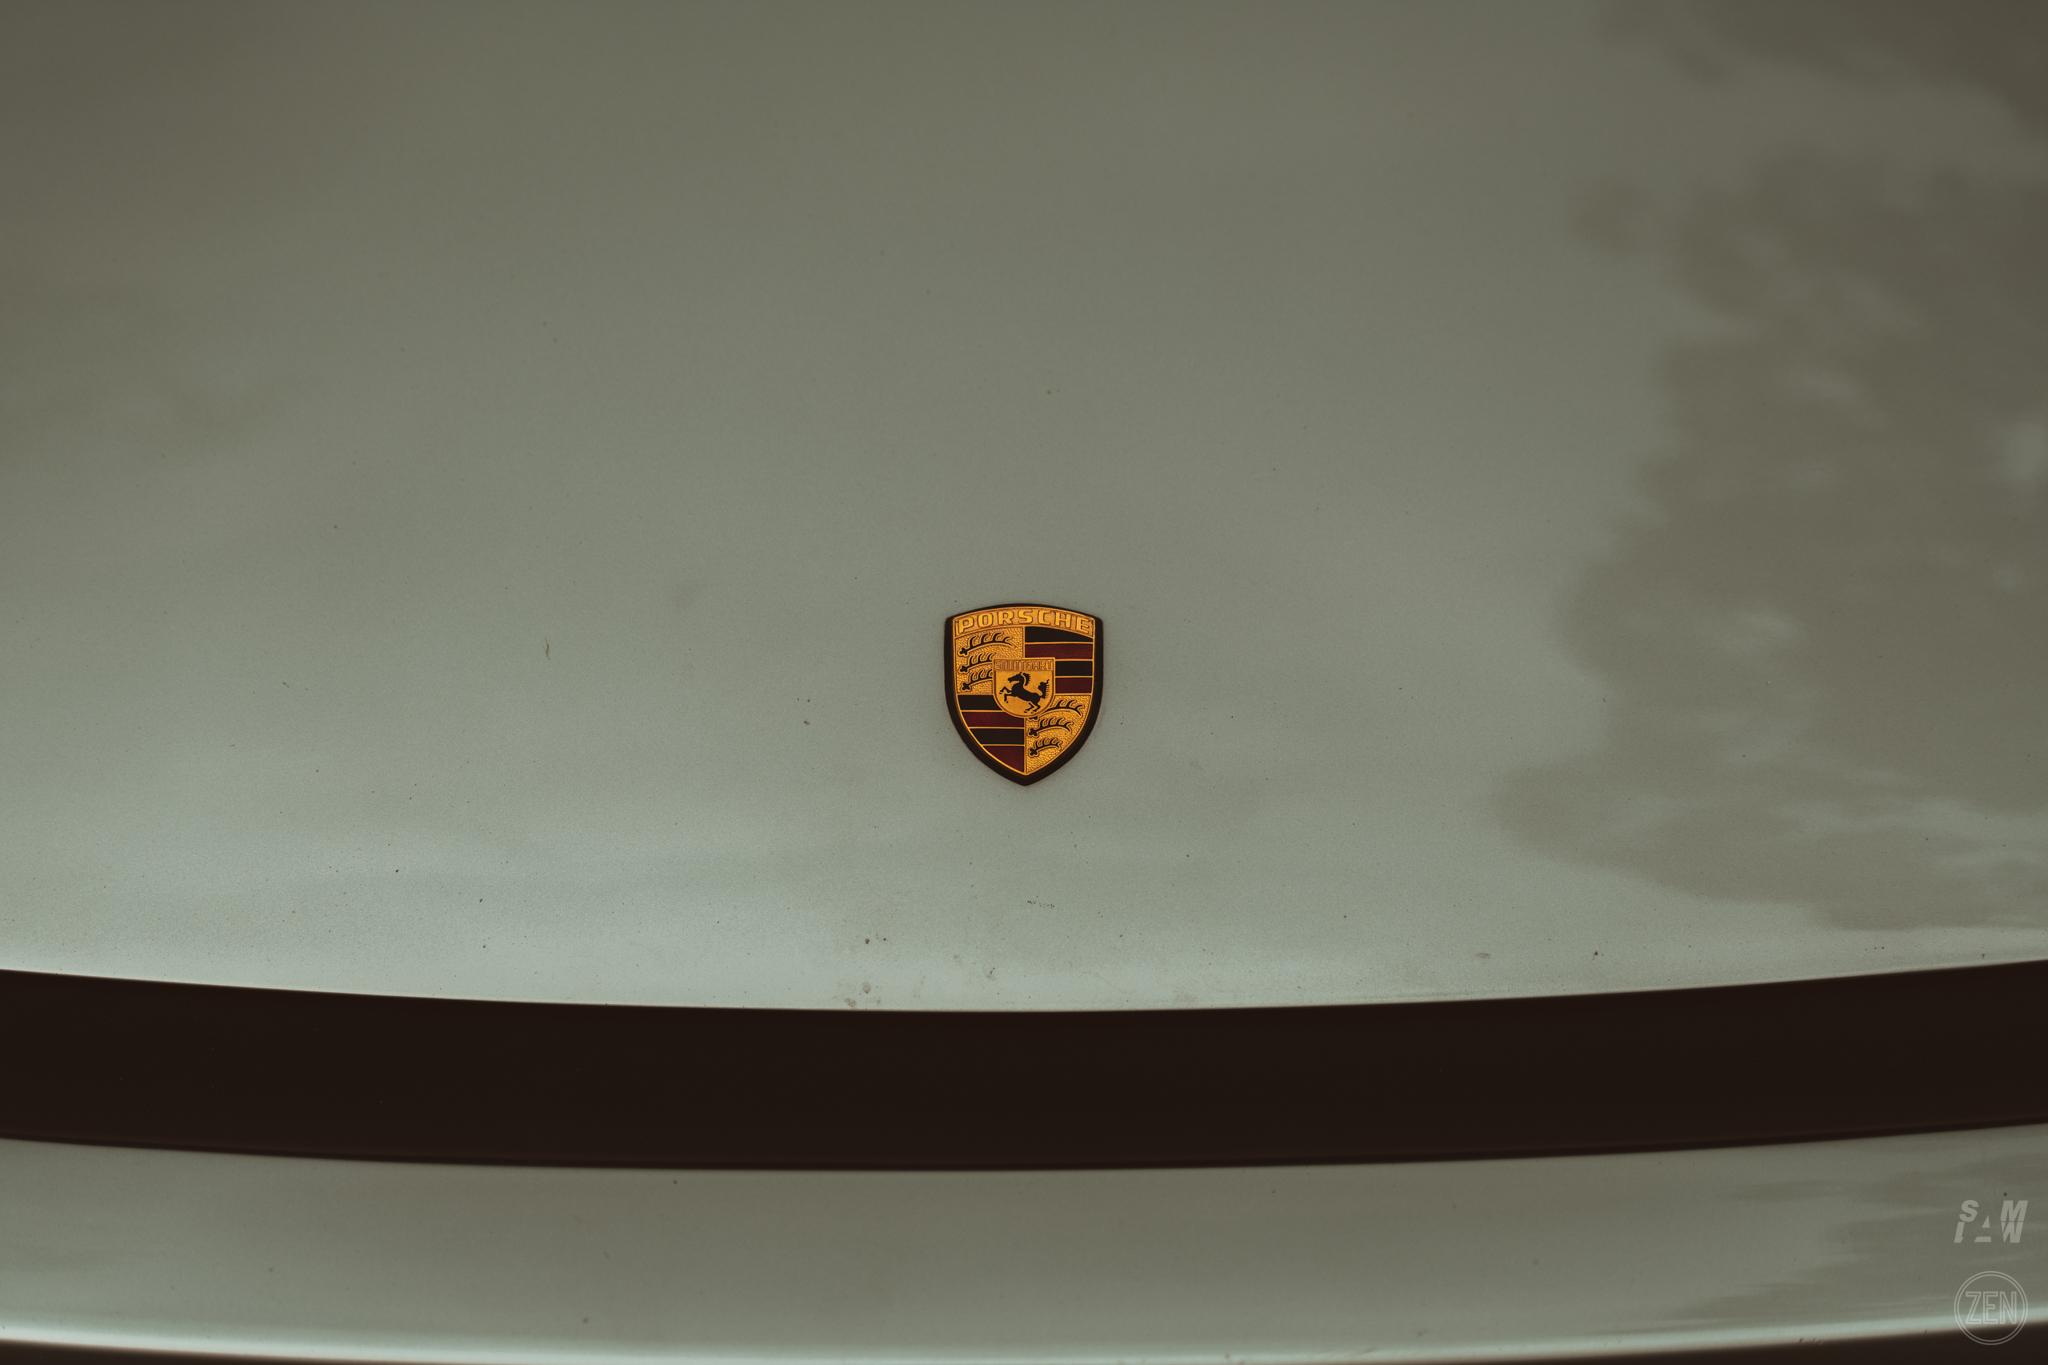 2019-12-08 - Porsches & Coffee 004